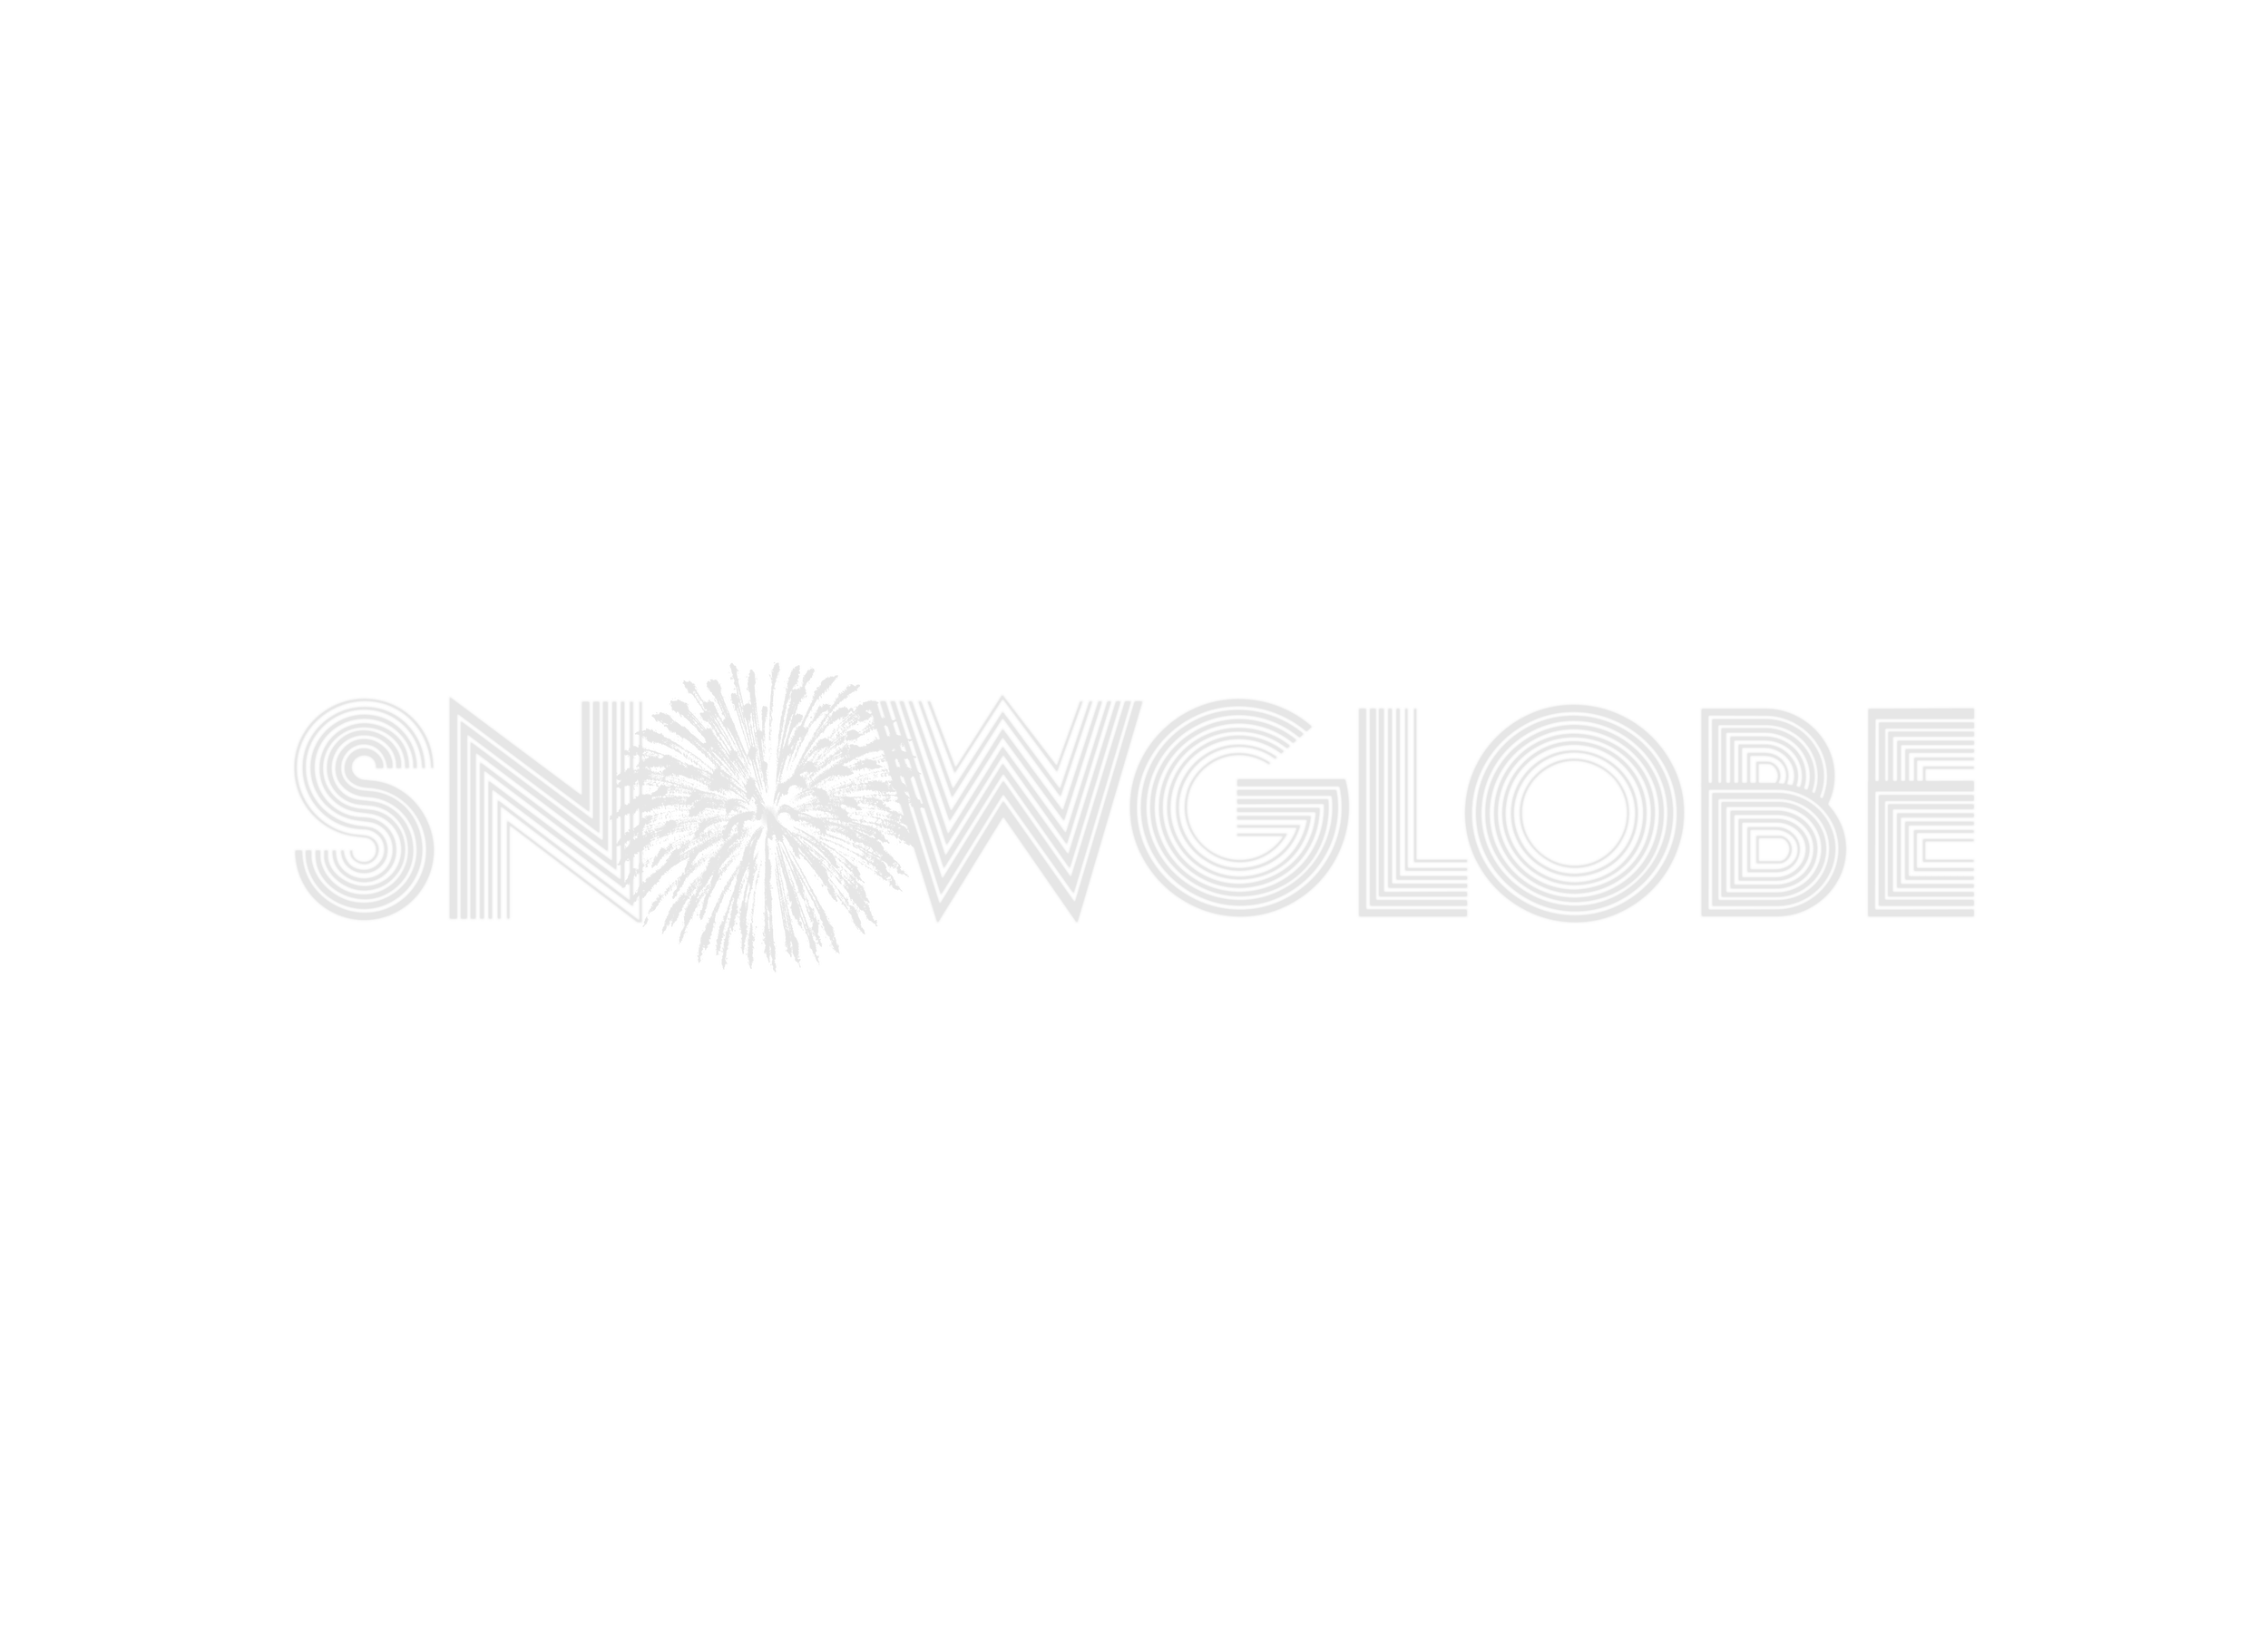 snowglobe-logo.png